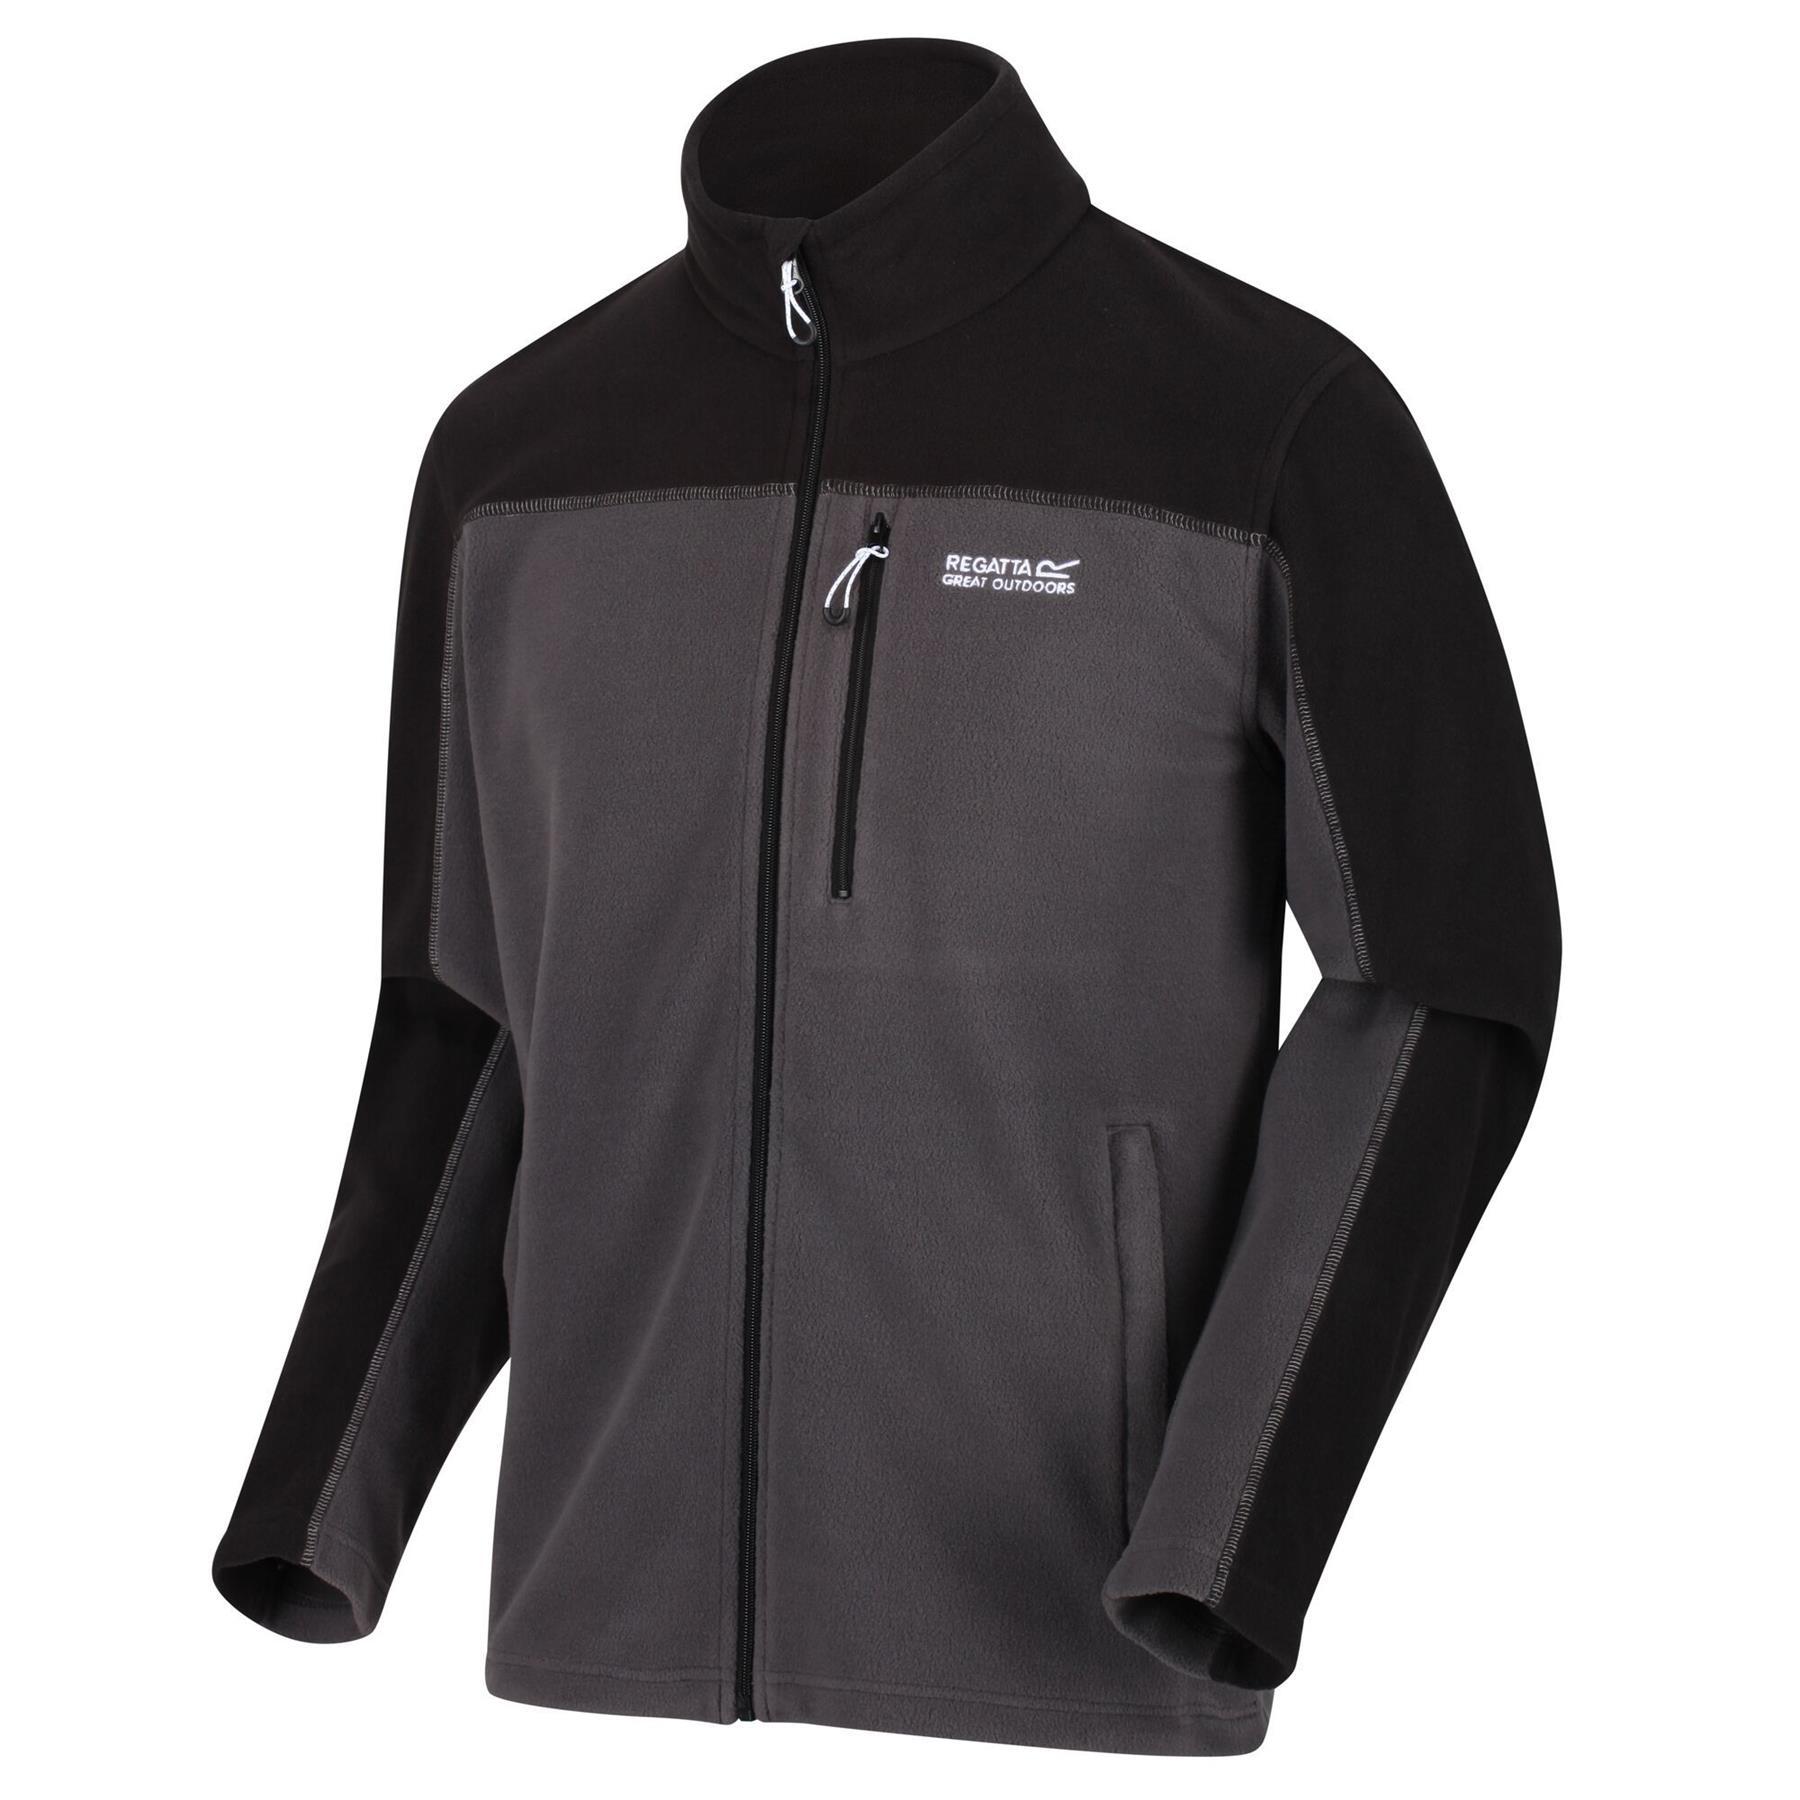 miniatuur 10 - Regatta Mens Fellard Fleece Jacket Full Zip Up Coat S M L XL 2XL 3XL 4XL